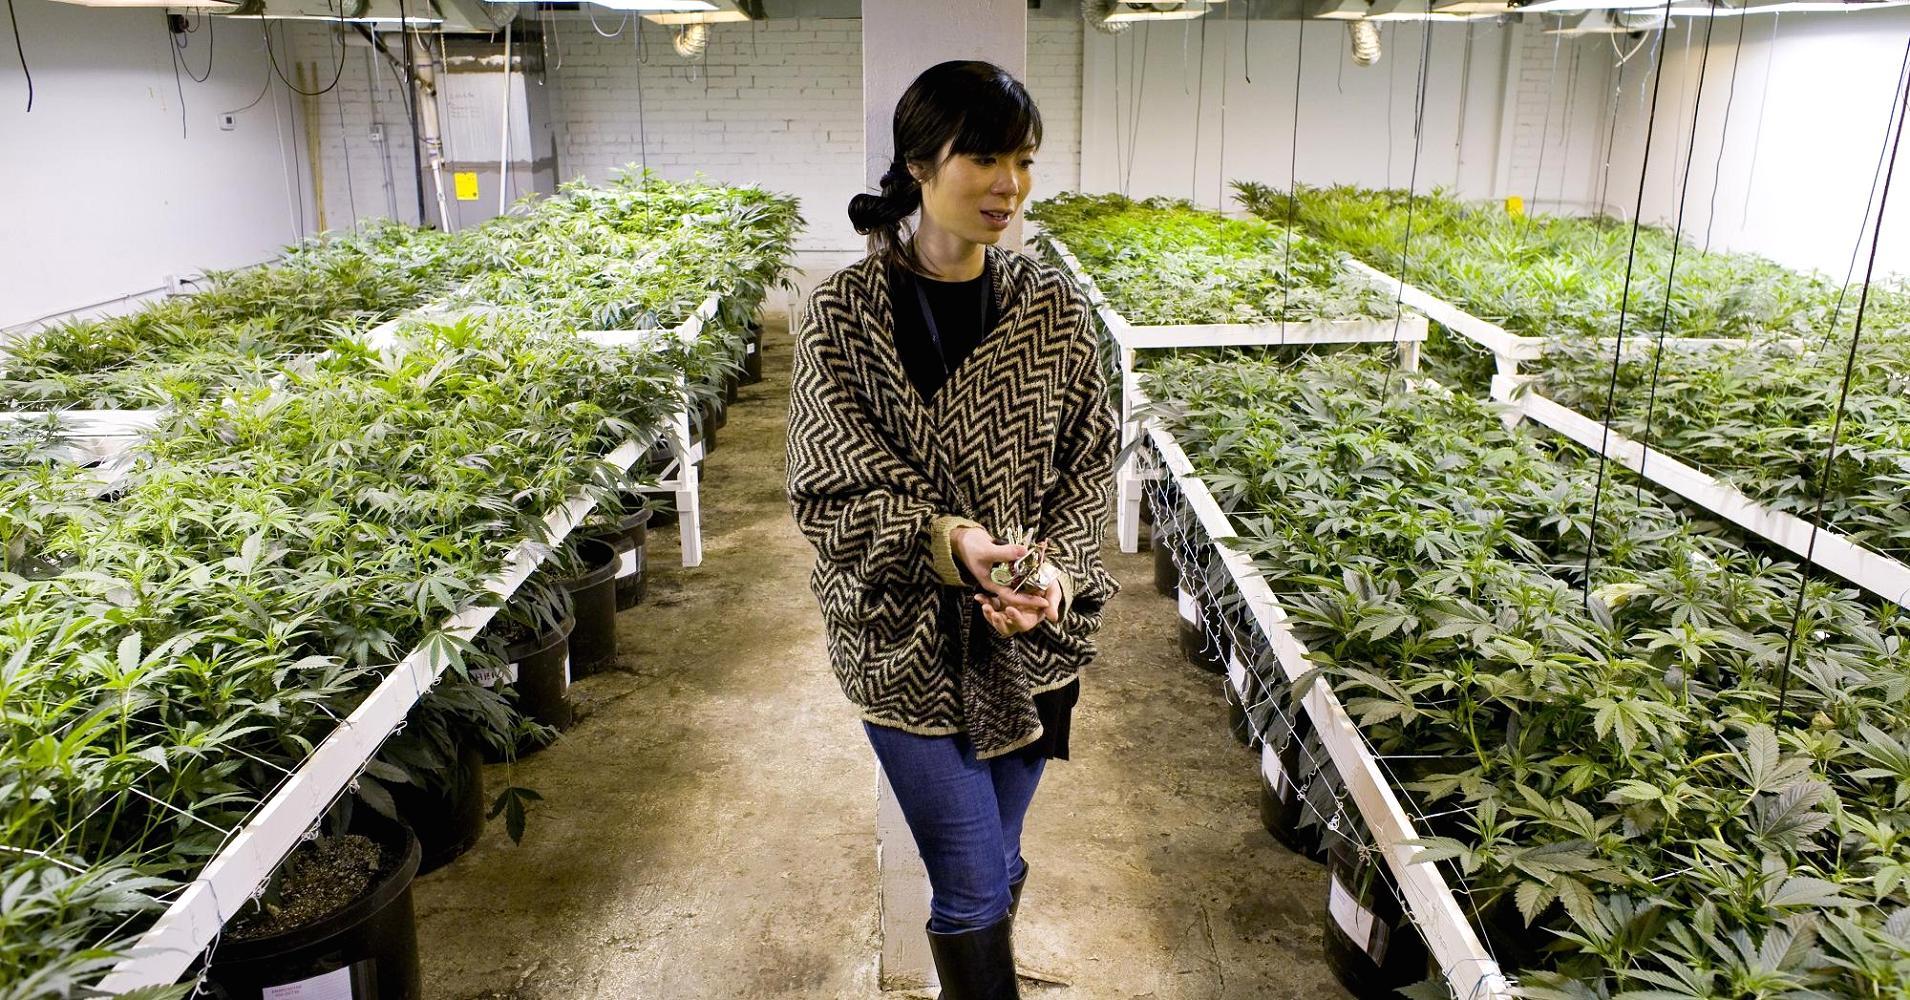 Nación Cannabis | Hasta 150,000 nuevos empleos en Canadá, gracias a la industria de cannabis